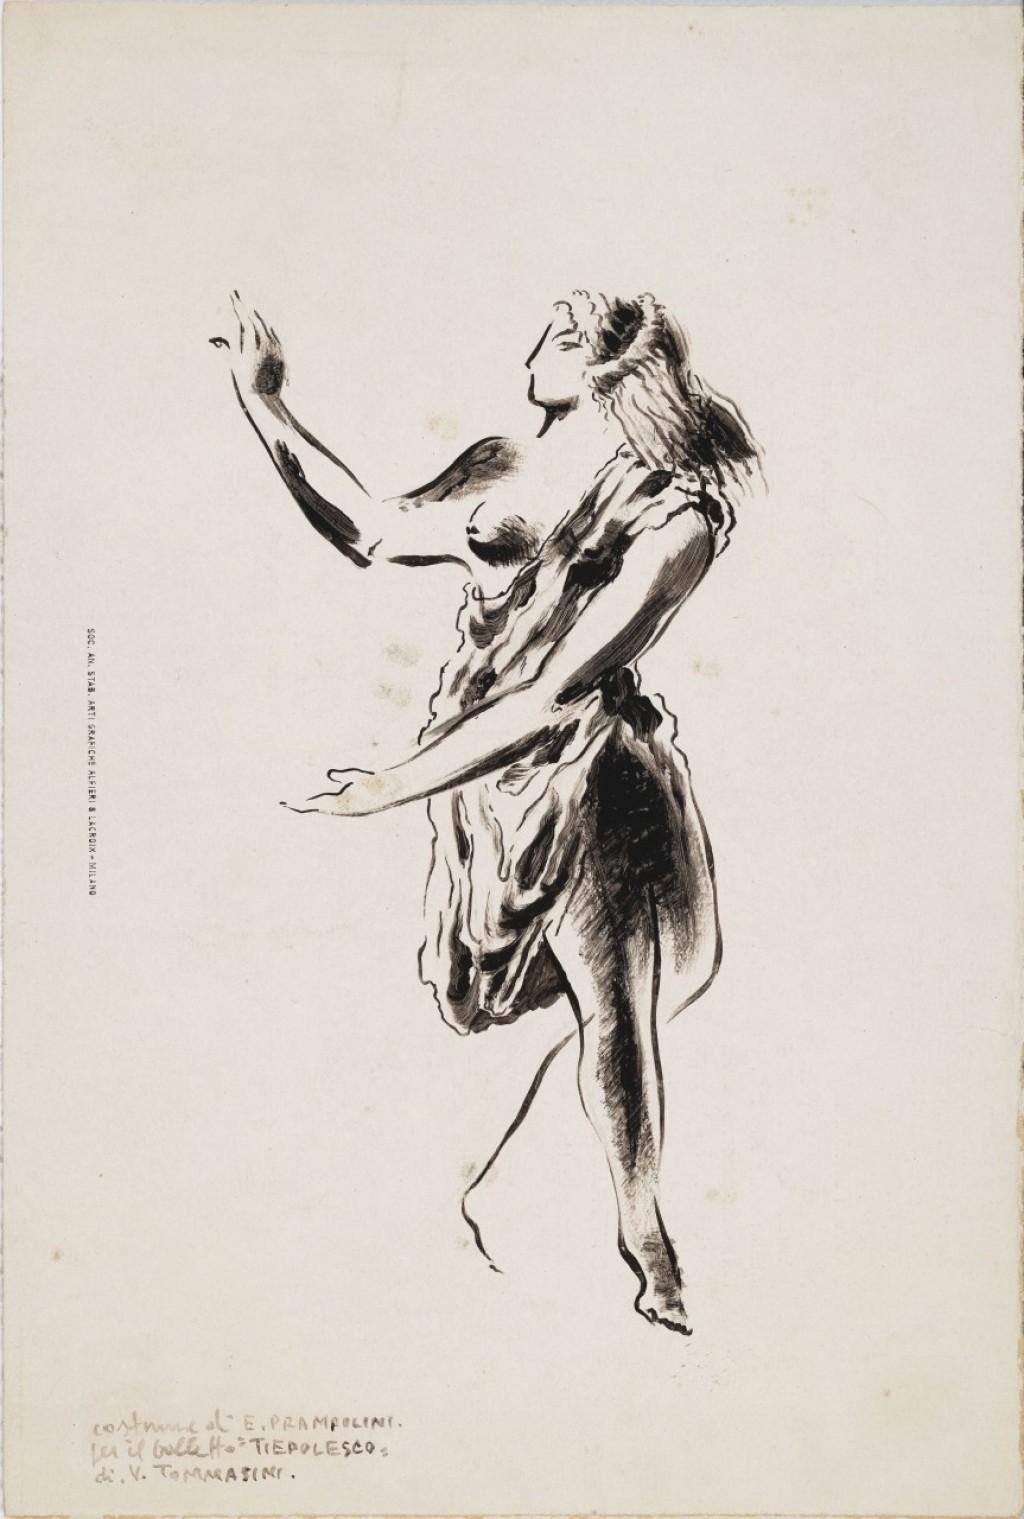 Bozzetto per costume teatrale - Enrico Prampolini